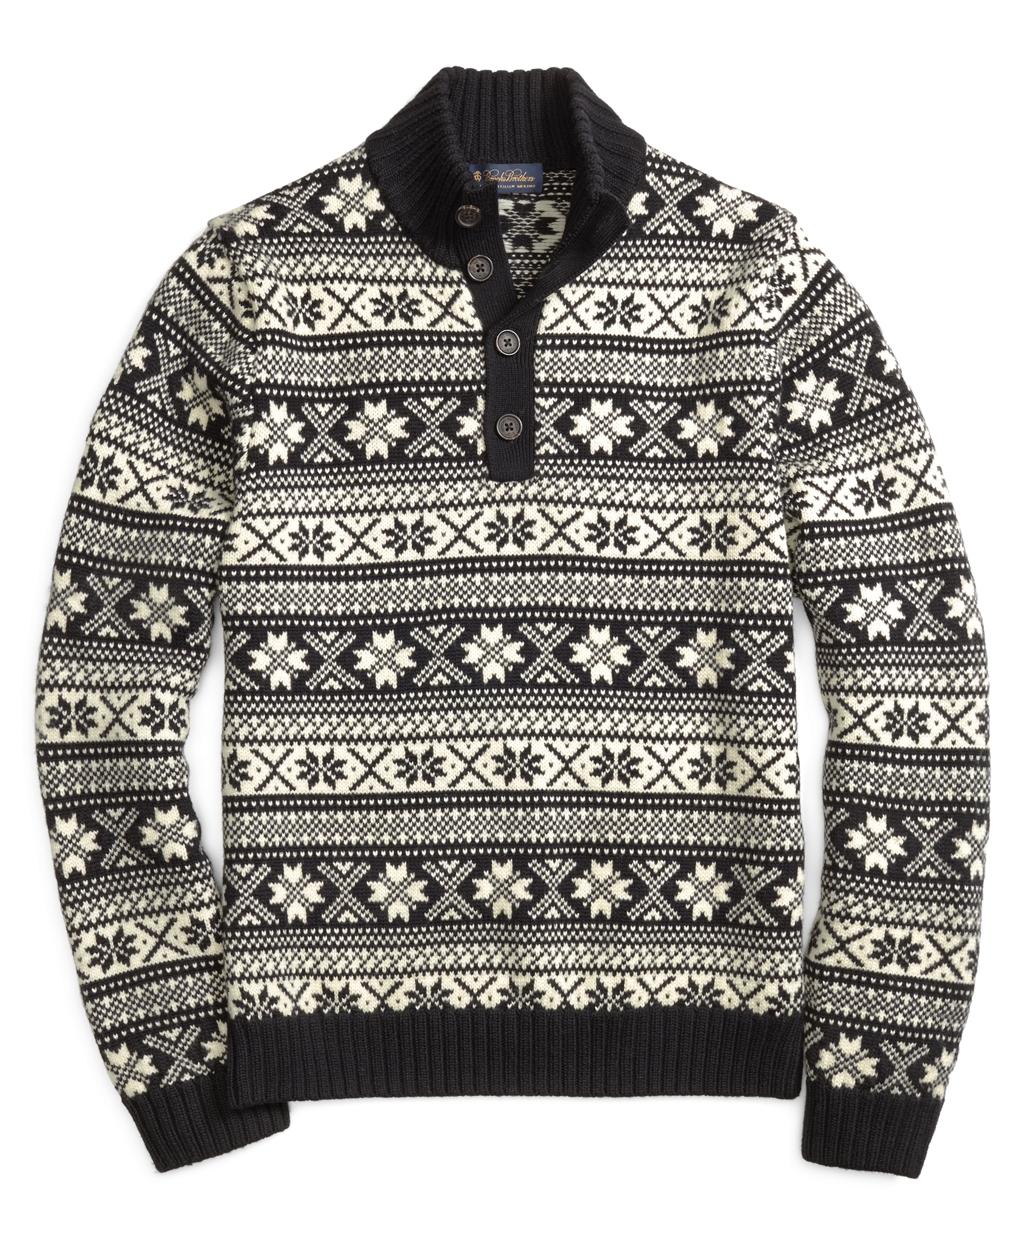 Brooks brothers Merino Wool Fair Isle Mockneck Sweater in Black ...